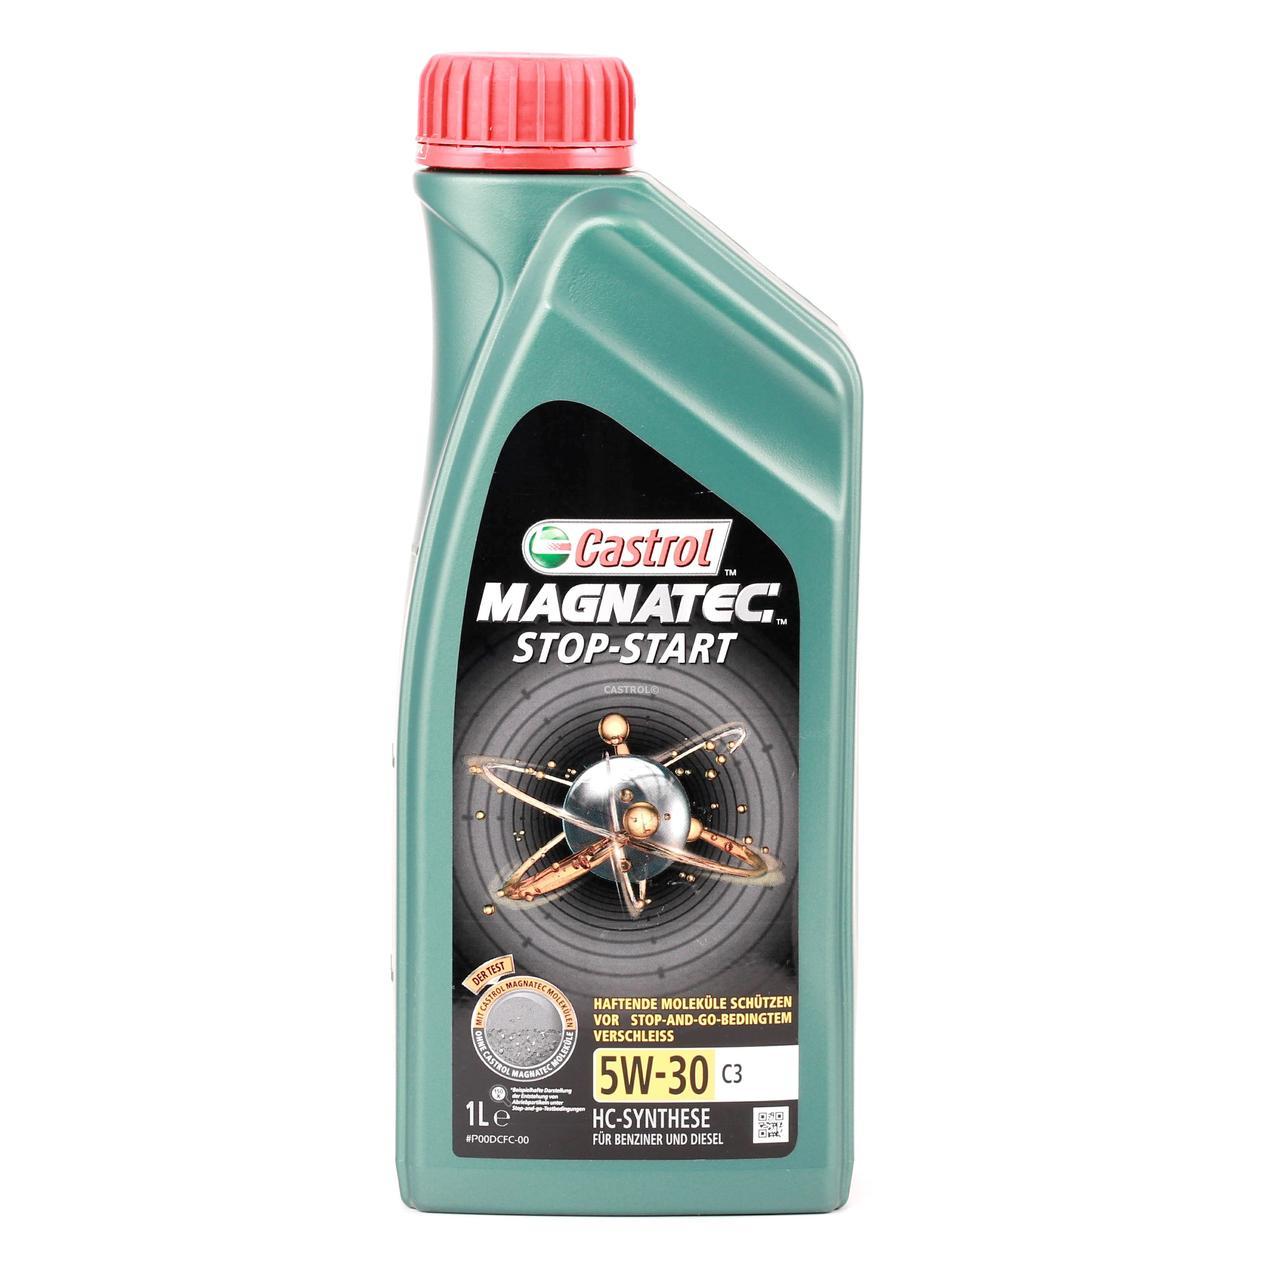 Castrol Magnatec Stop-Start 5W-30 C3 1л